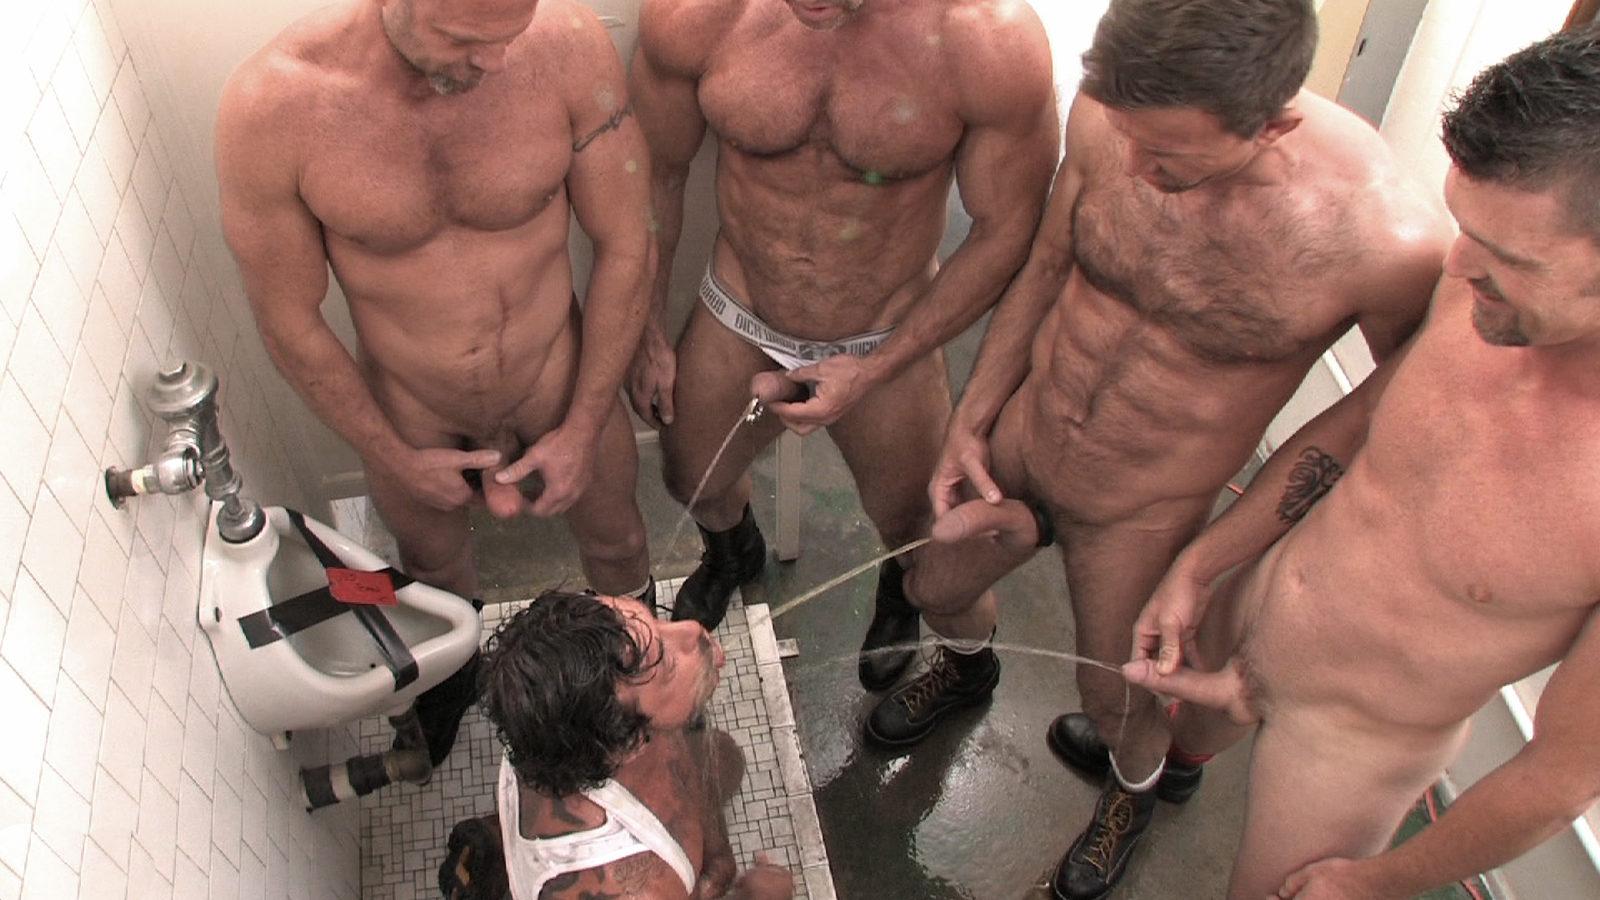 мужчины порно как показать ссут